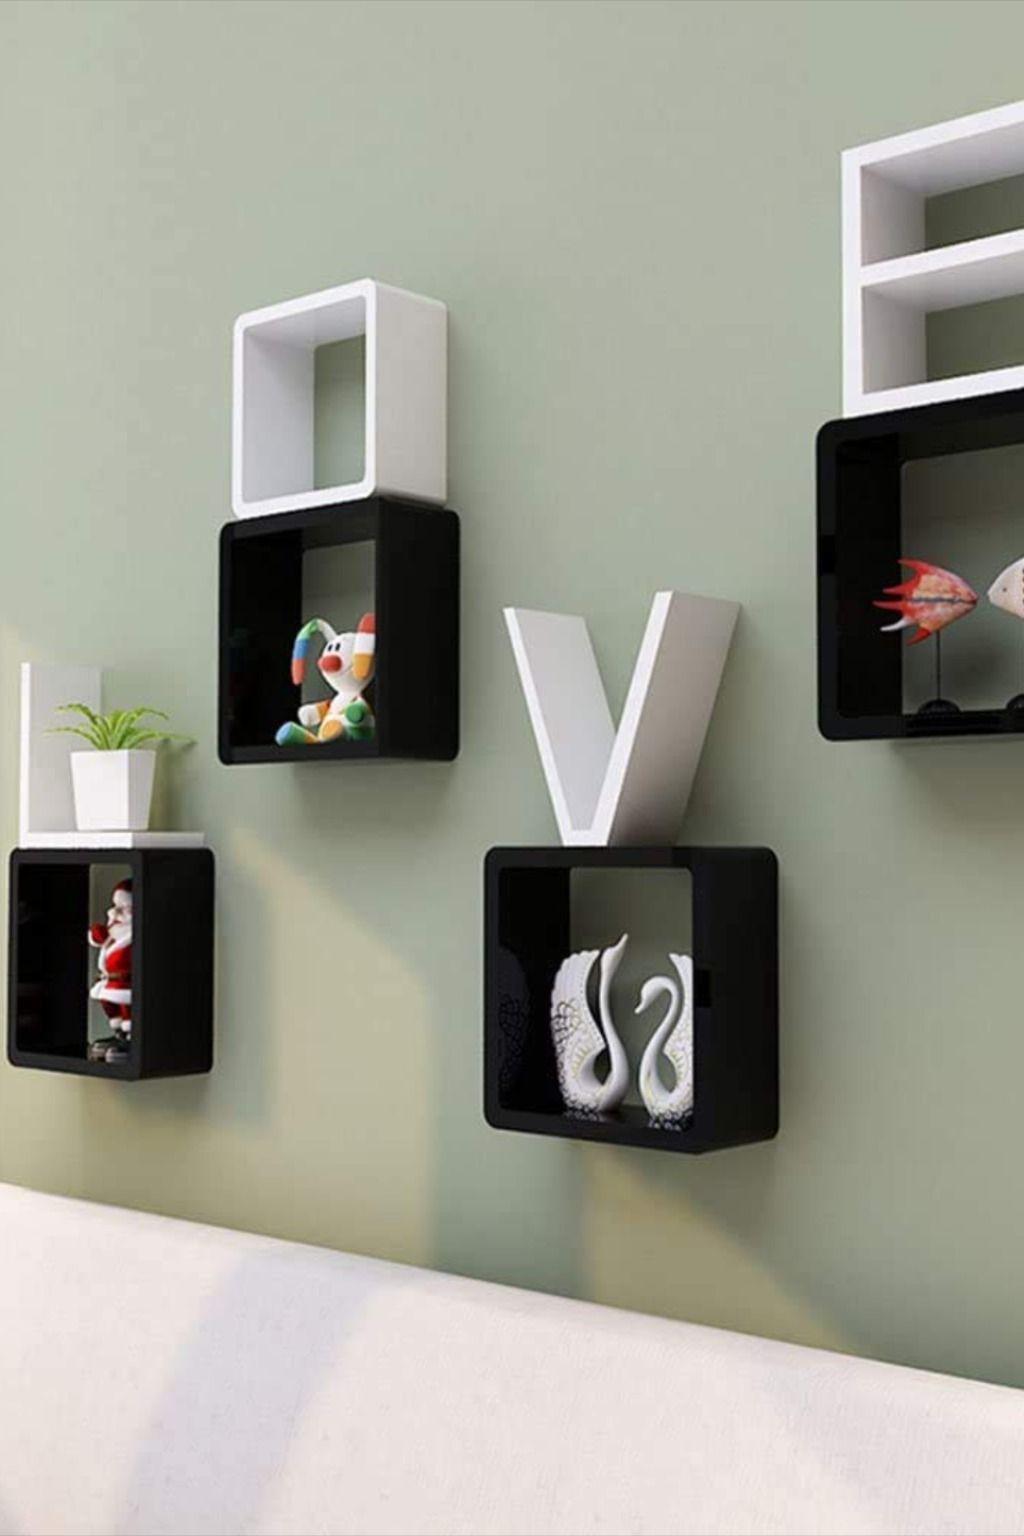 Shop Now #HomeDecorLo #HomeDecor #HomeStore #LoveDesign #WallShelf #ForHome